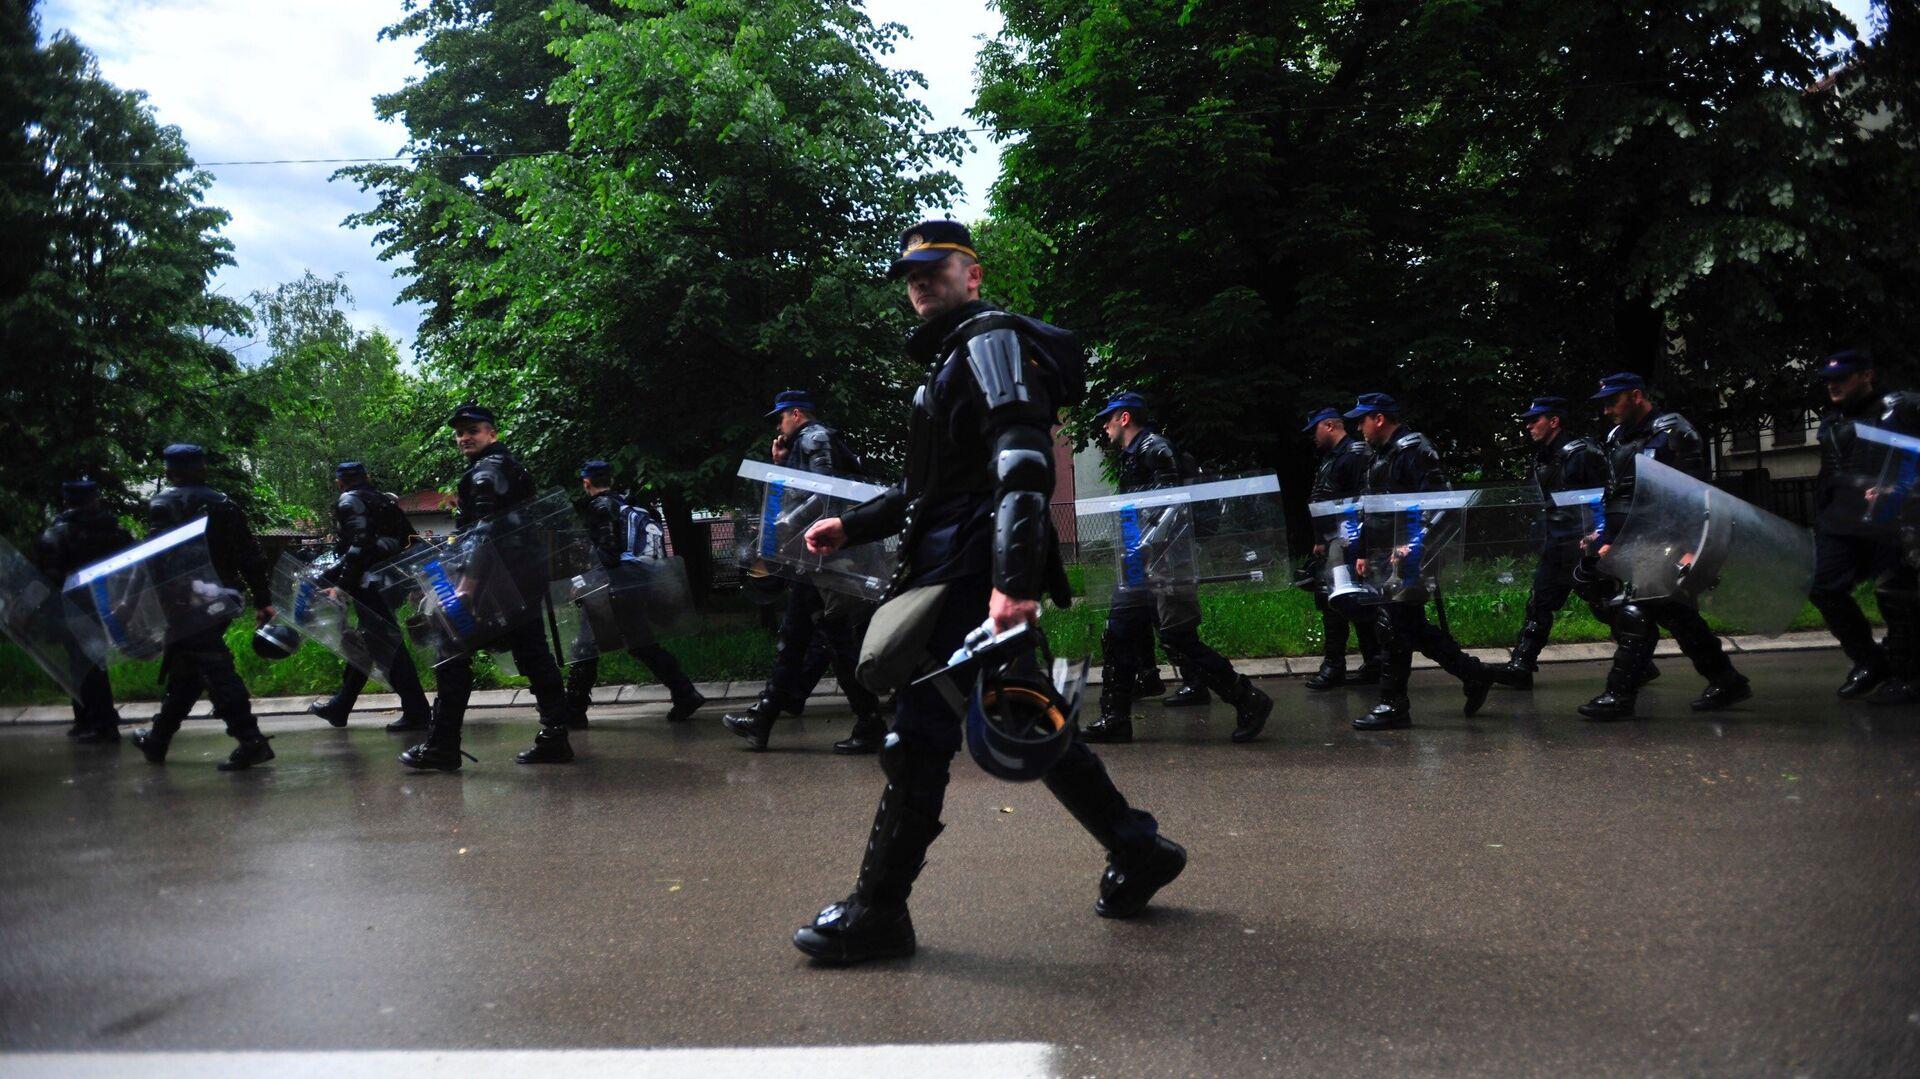 Policija RS u Banjaluci  - Sputnik Srbija, 1920, 29.07.2021